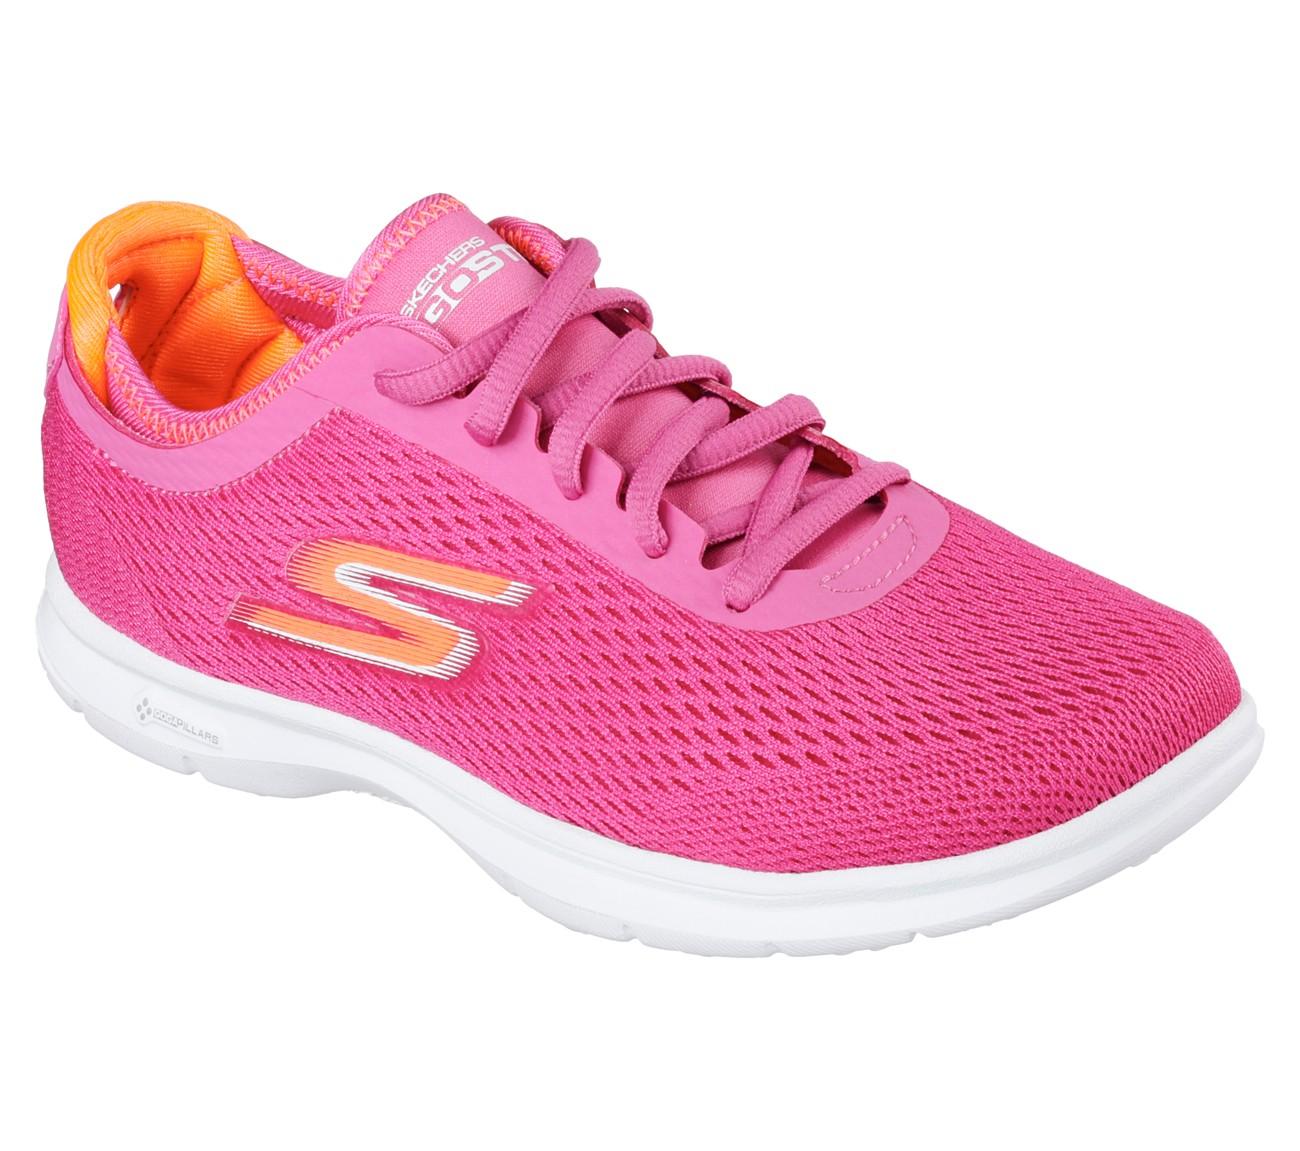 Skechers Bayan Yürüyüş Ayakkabısı Modelleri-Ayakkabı Modelleri (21)